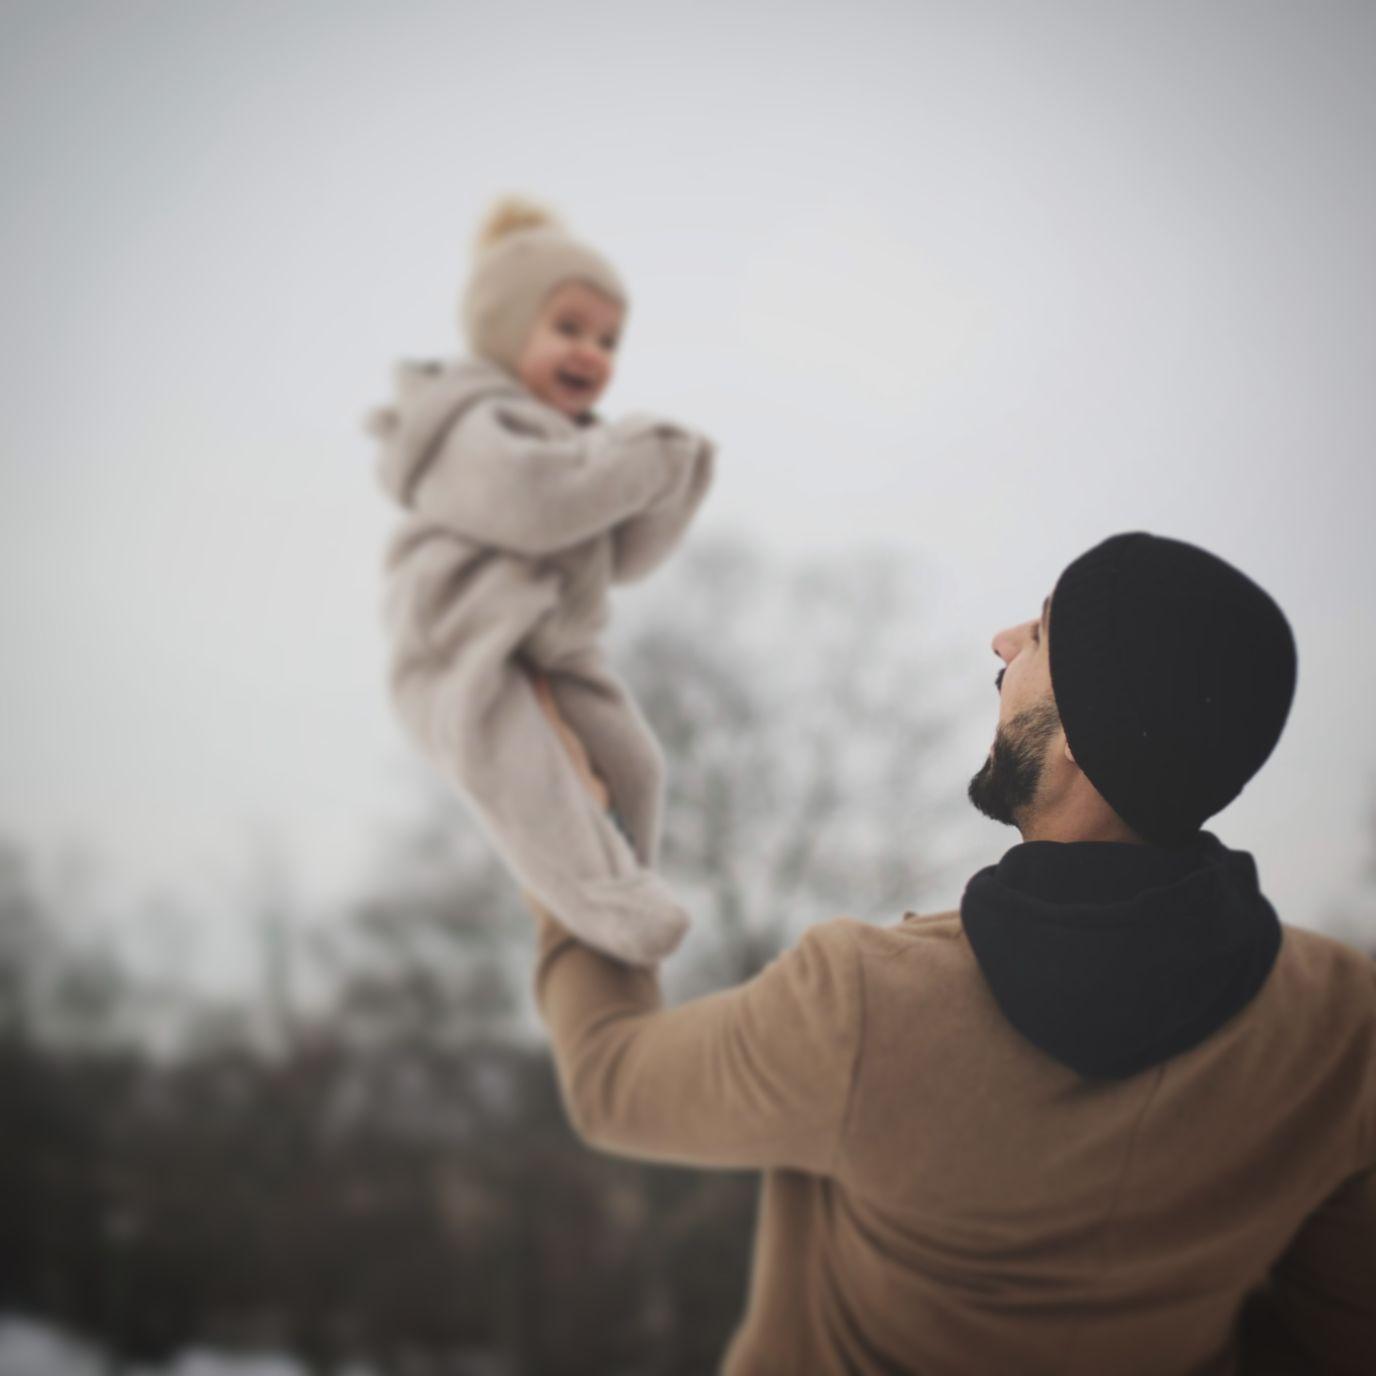 En vinterkledd mann står ute i snøen. Han løfter den lille datteren sin høyt over hodet, og datteren ler.